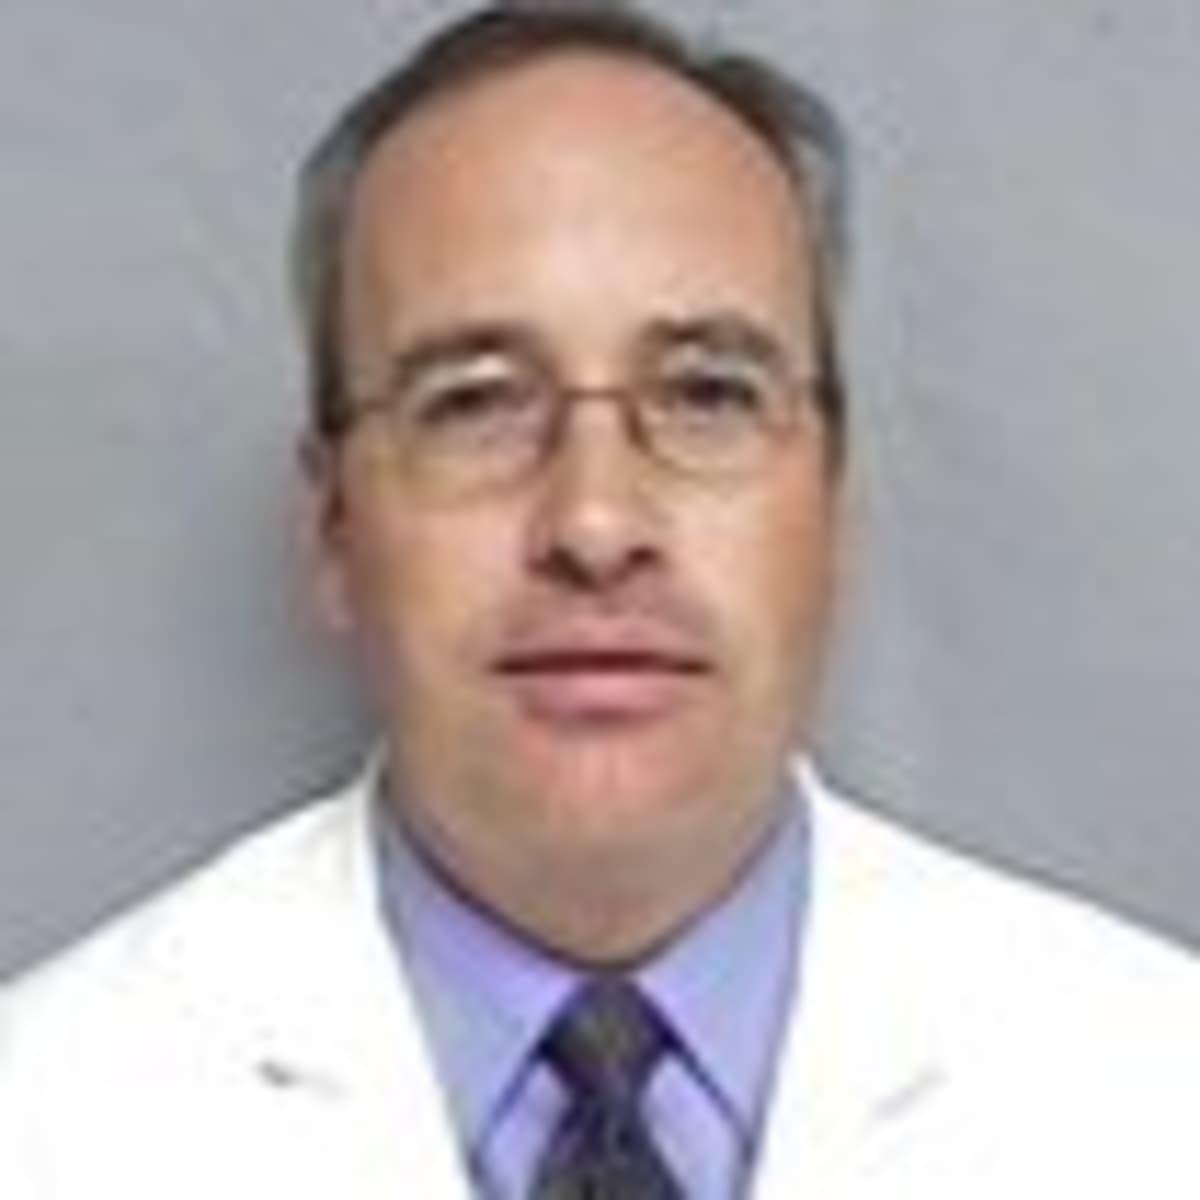 dr stephen harper md clemmons nc otolaryngologist